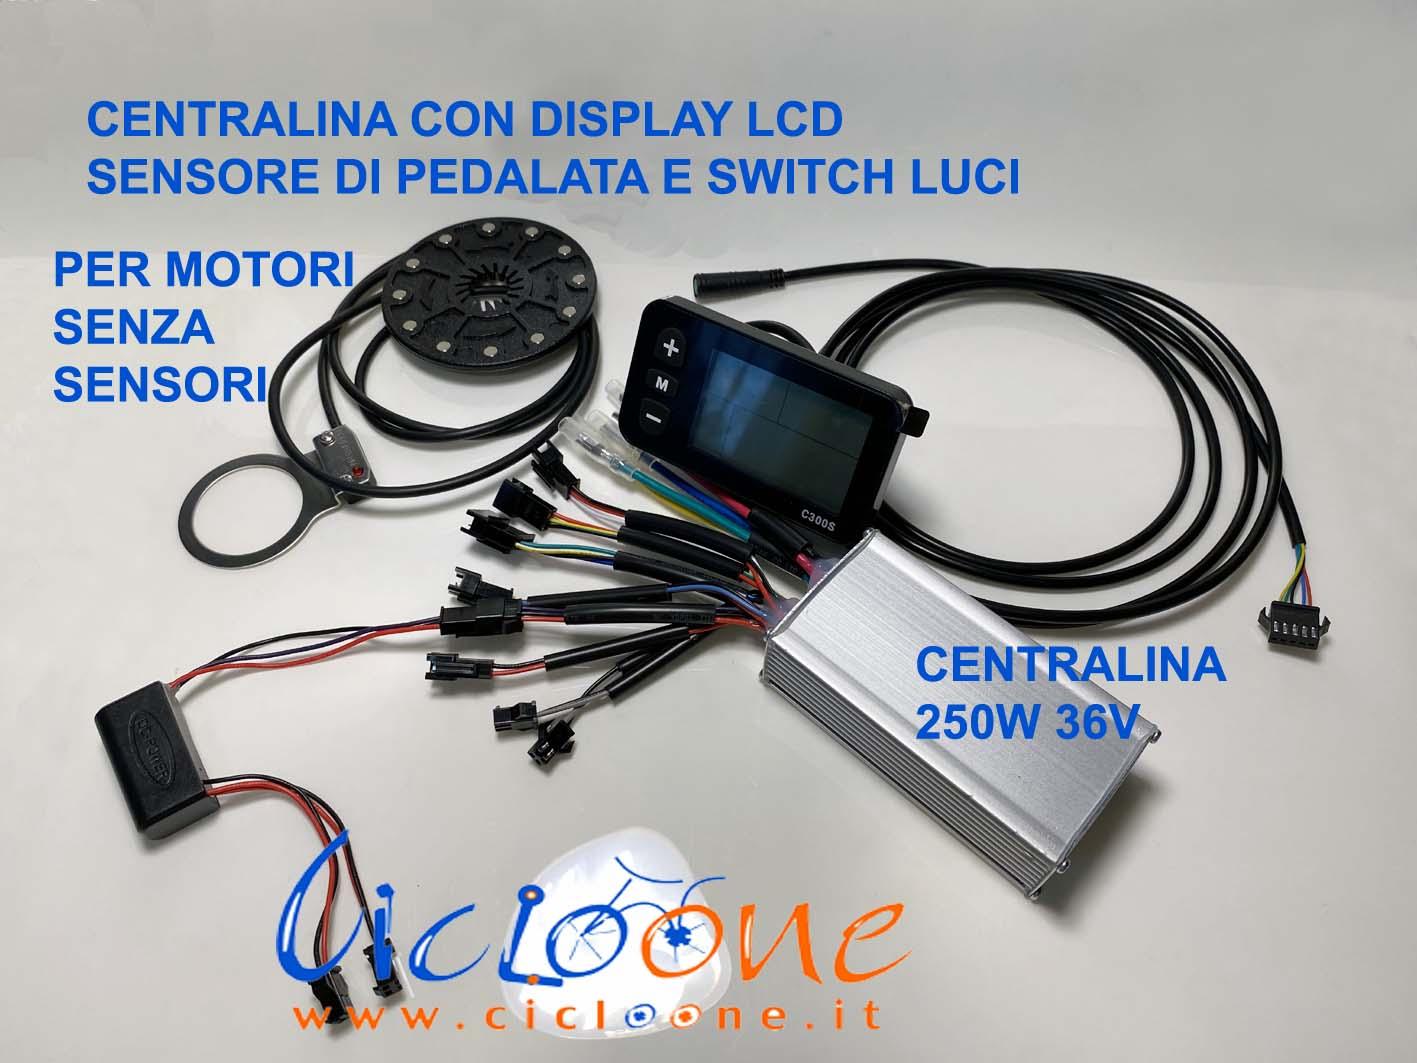 bici elettrica kit 36V con display lcd